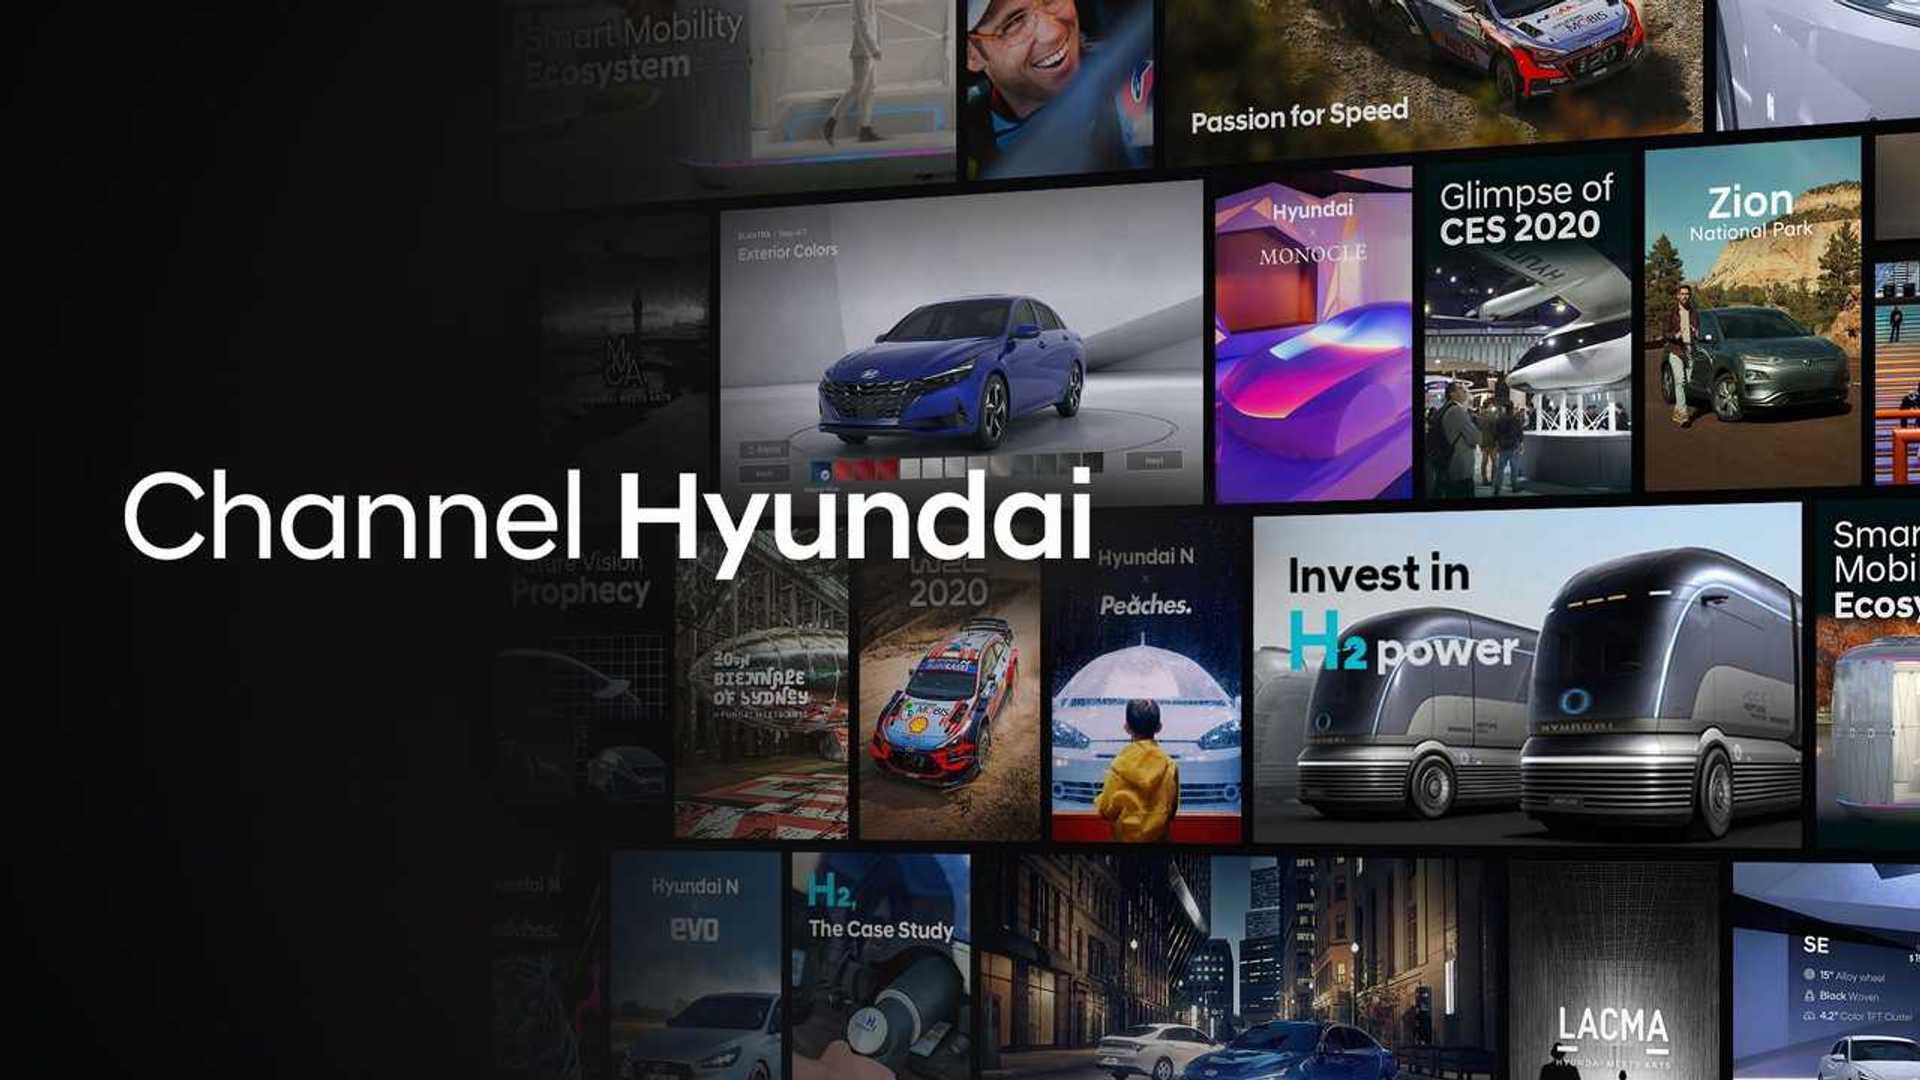 Channel Hyundai